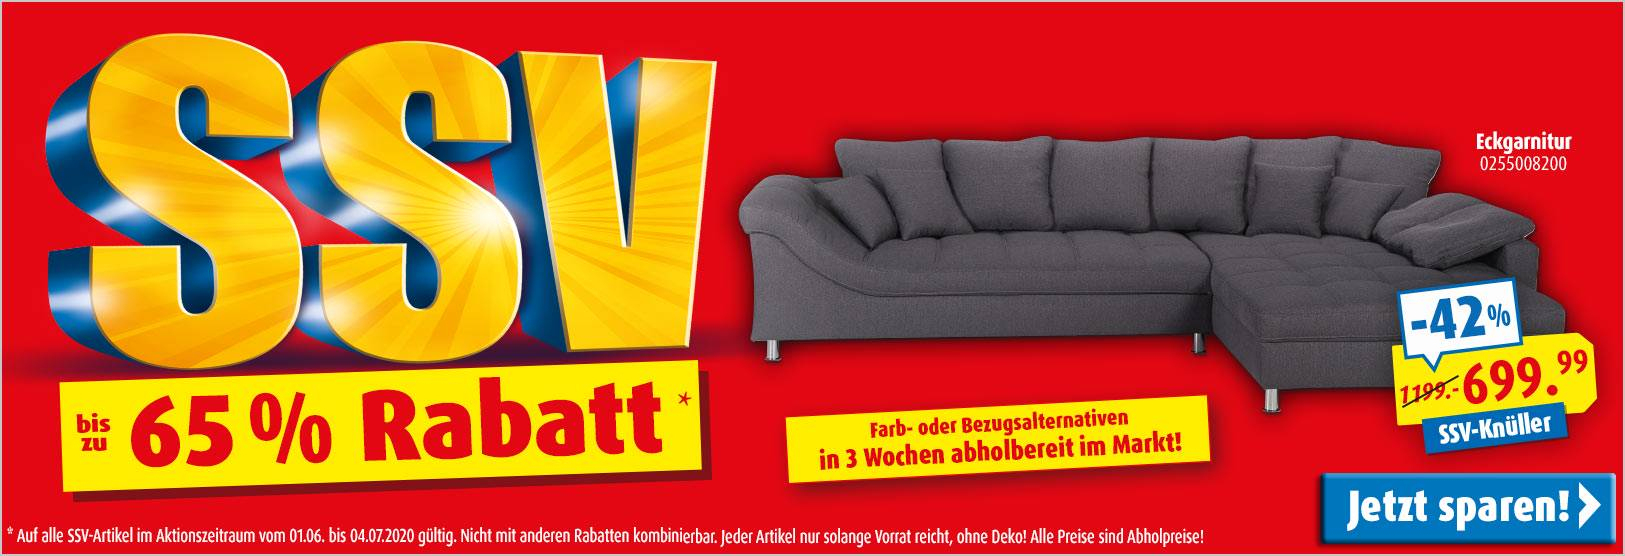 Roller Möbelhaus   Möbel Online Günstig Kaufen » Zum Online-Shop über Roller Bayreuth Öffnungszeiten